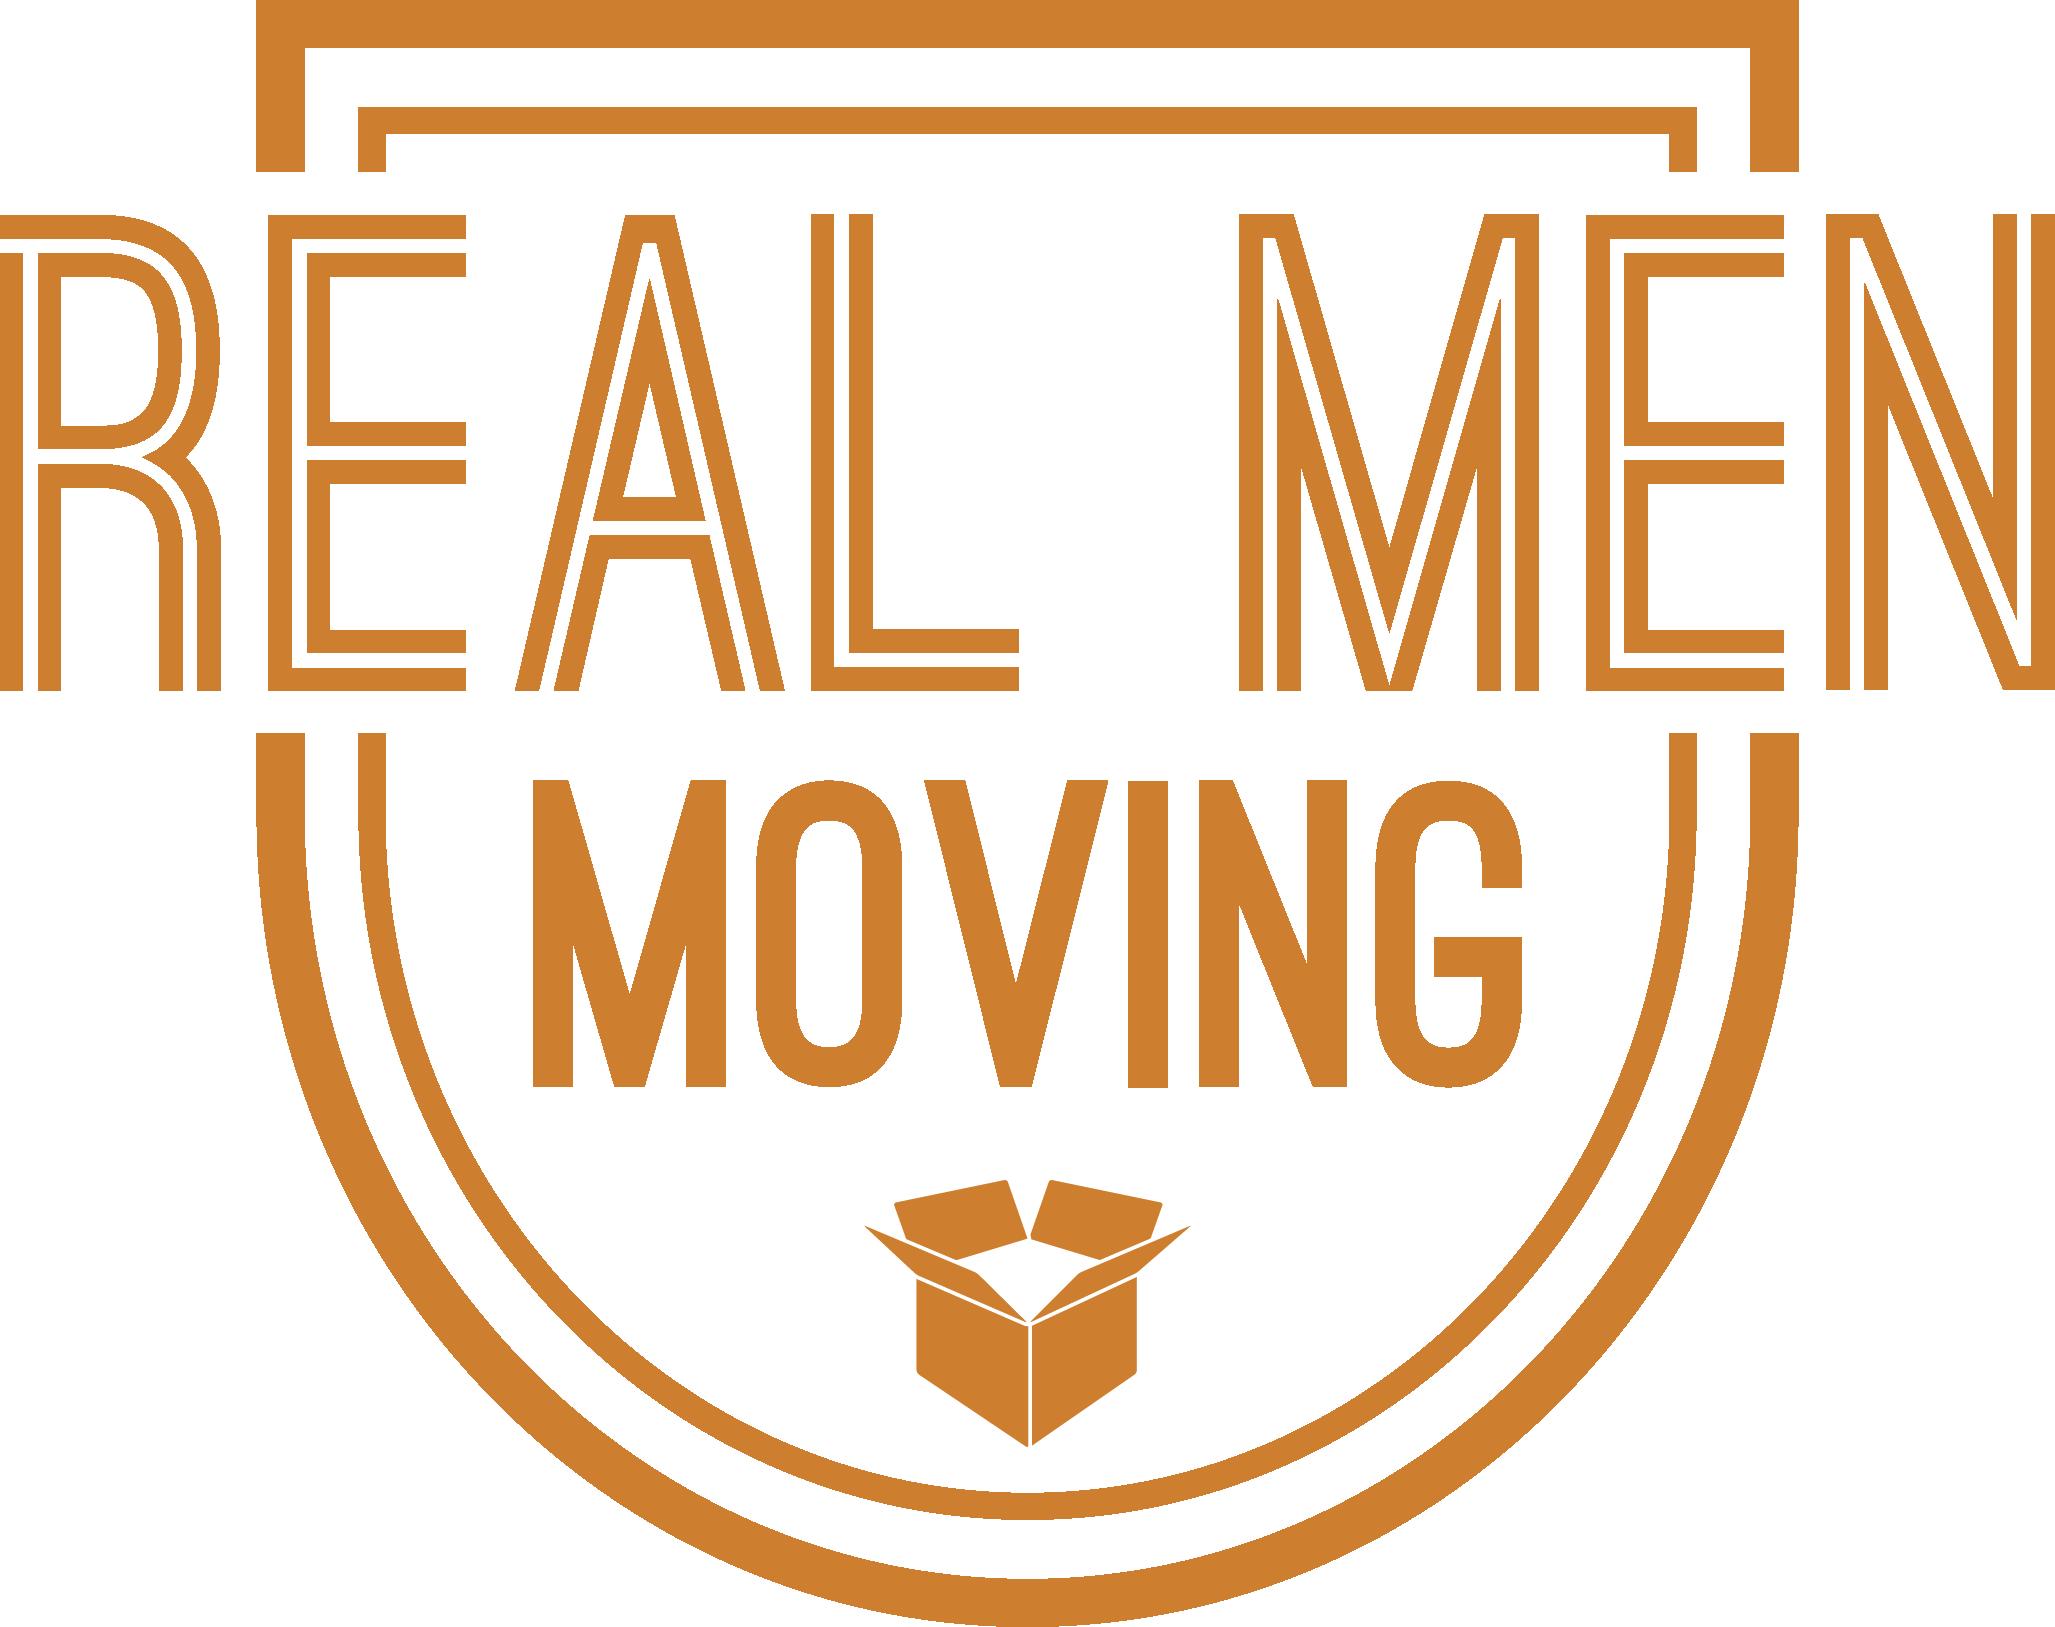 Real Men Moving LLC Logo